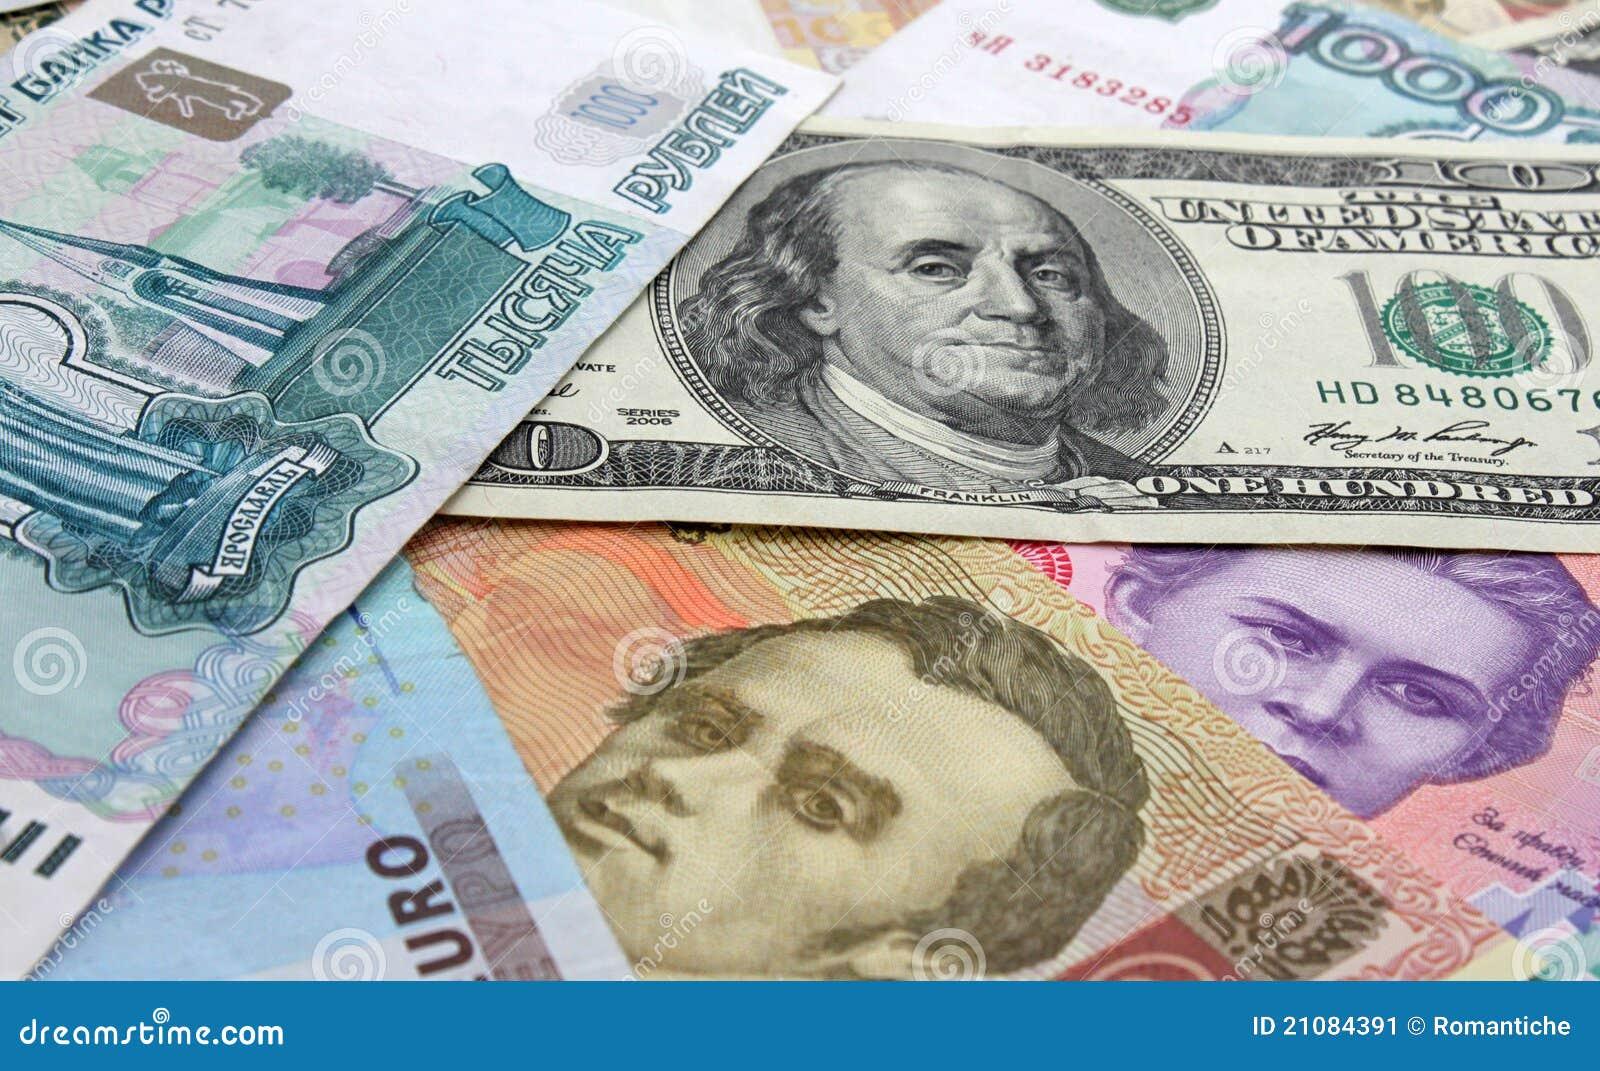 Секс за деньги макеевка 15 фотография